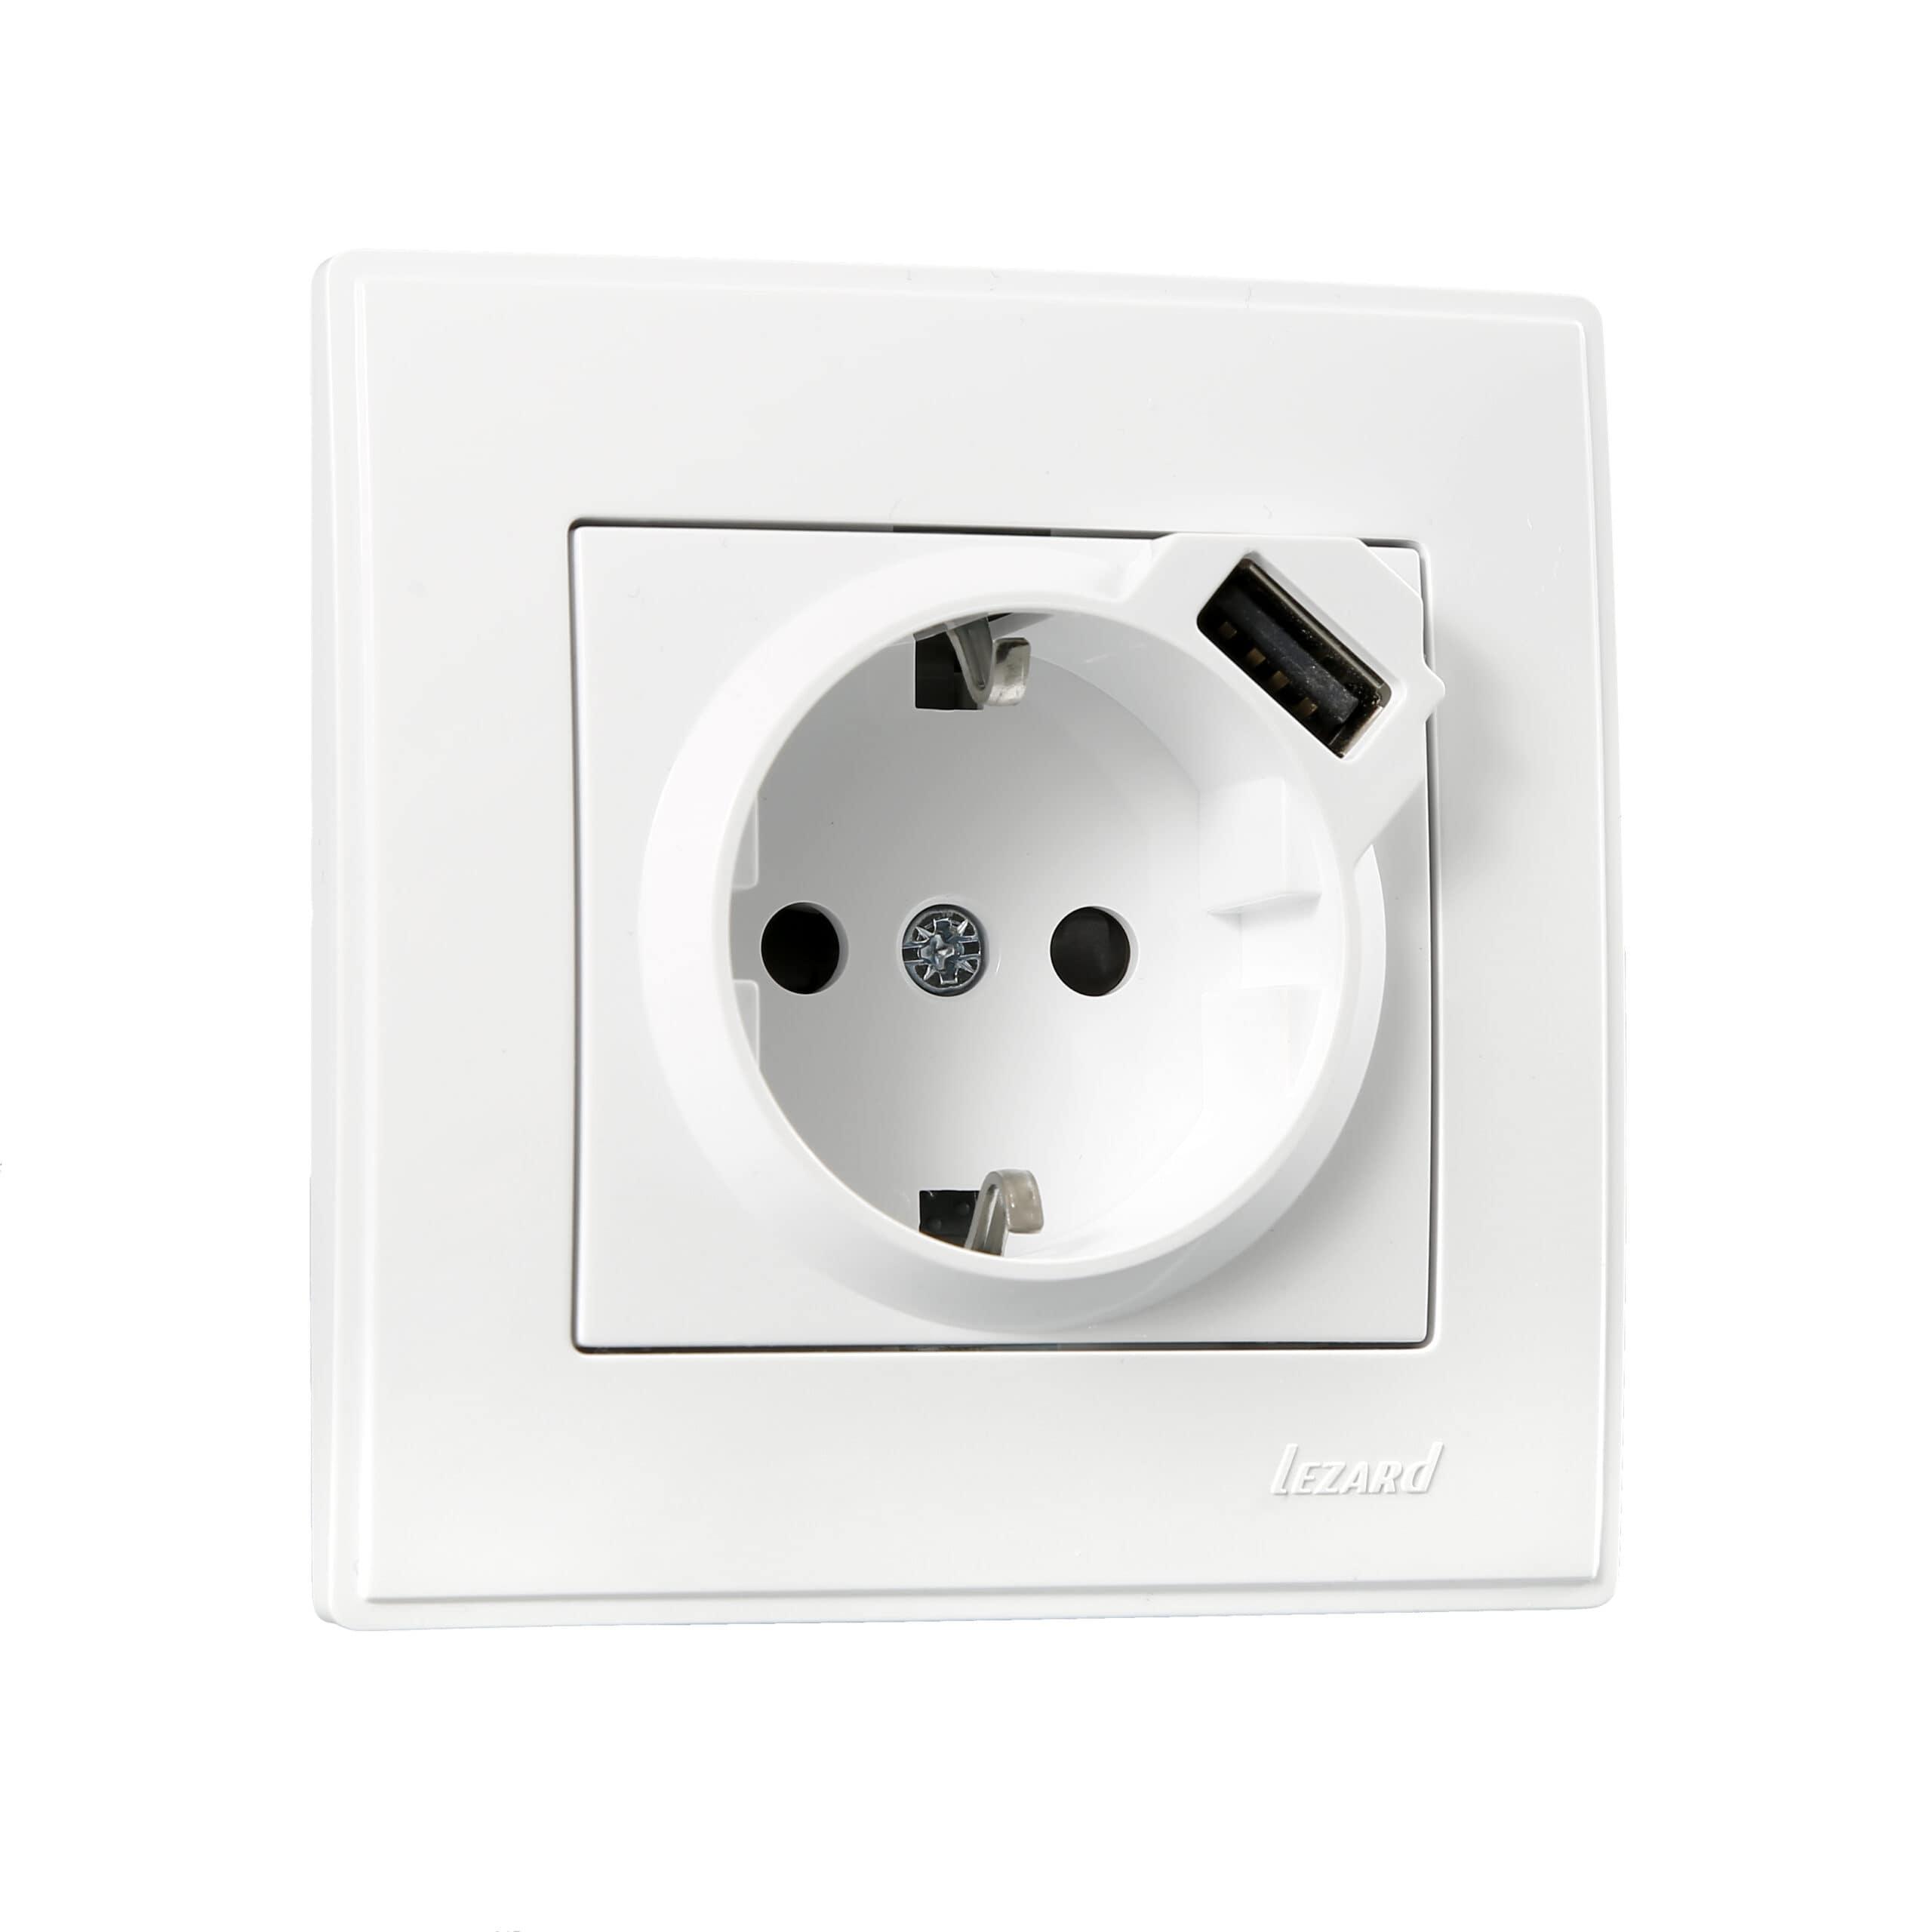 Розетки і вимикачі - Розетка с заземление + USB Lezard серия Lesya 000001598 - Фото 1